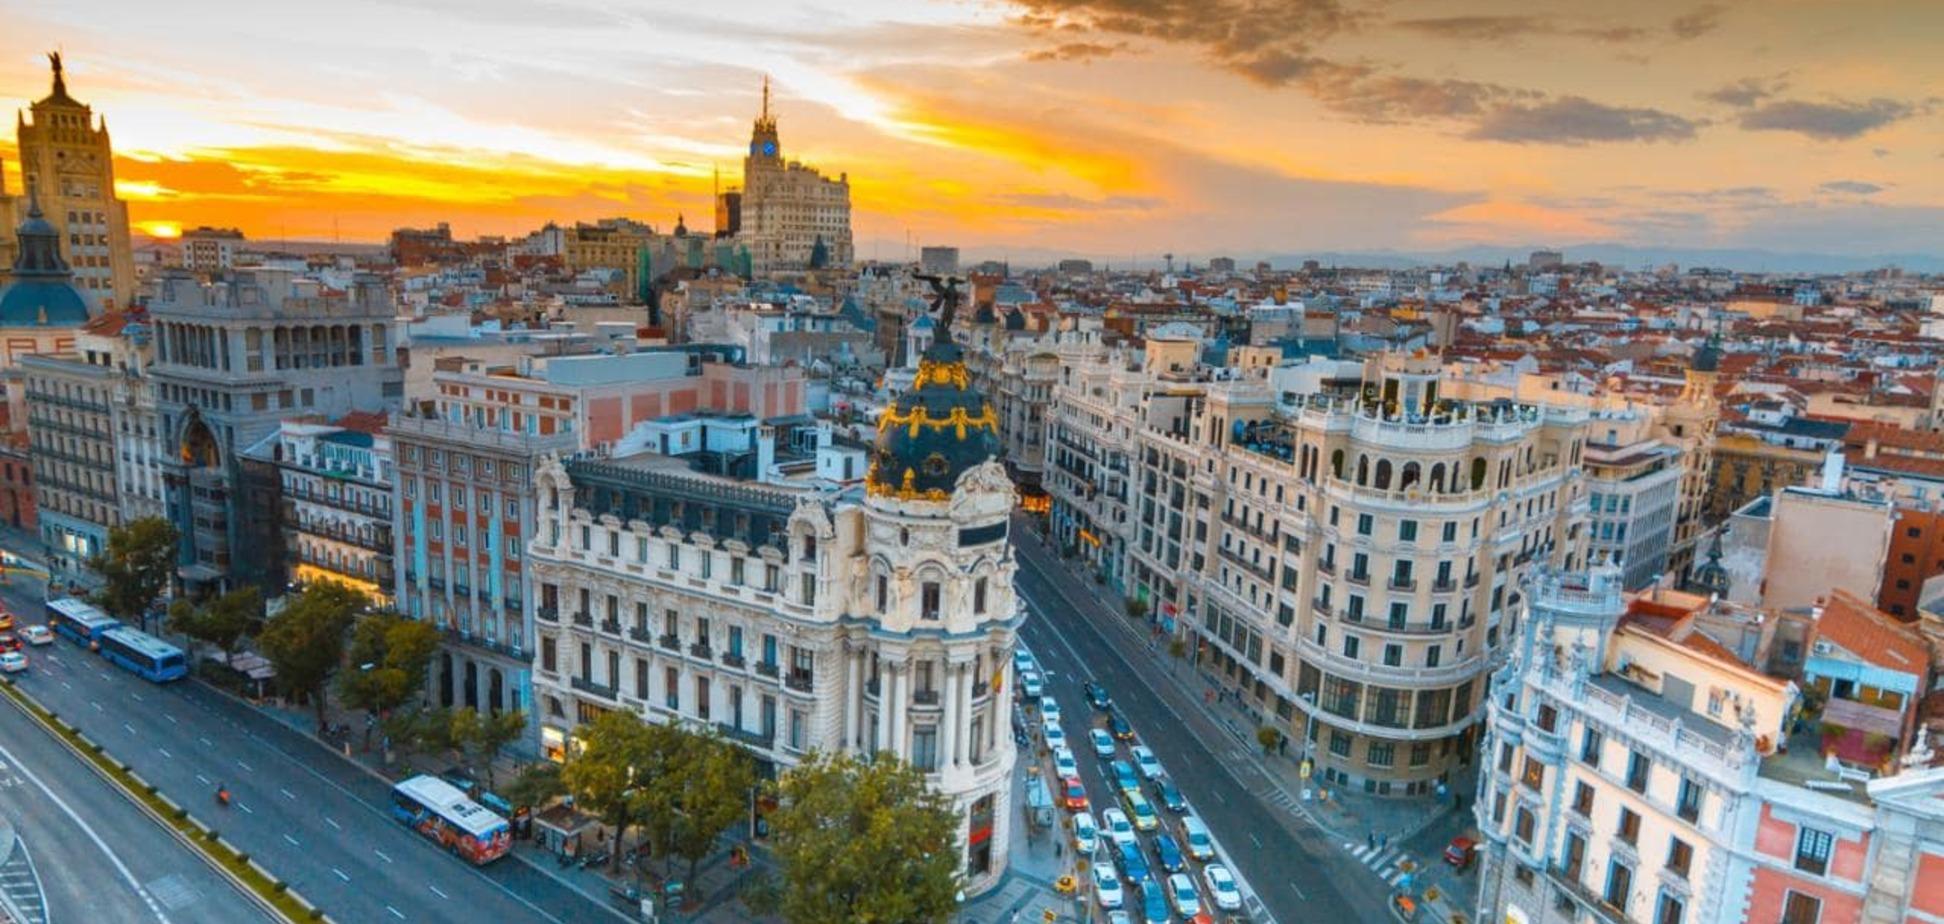 Іспанці обурені! У Мадриді обмежать оренду квартир